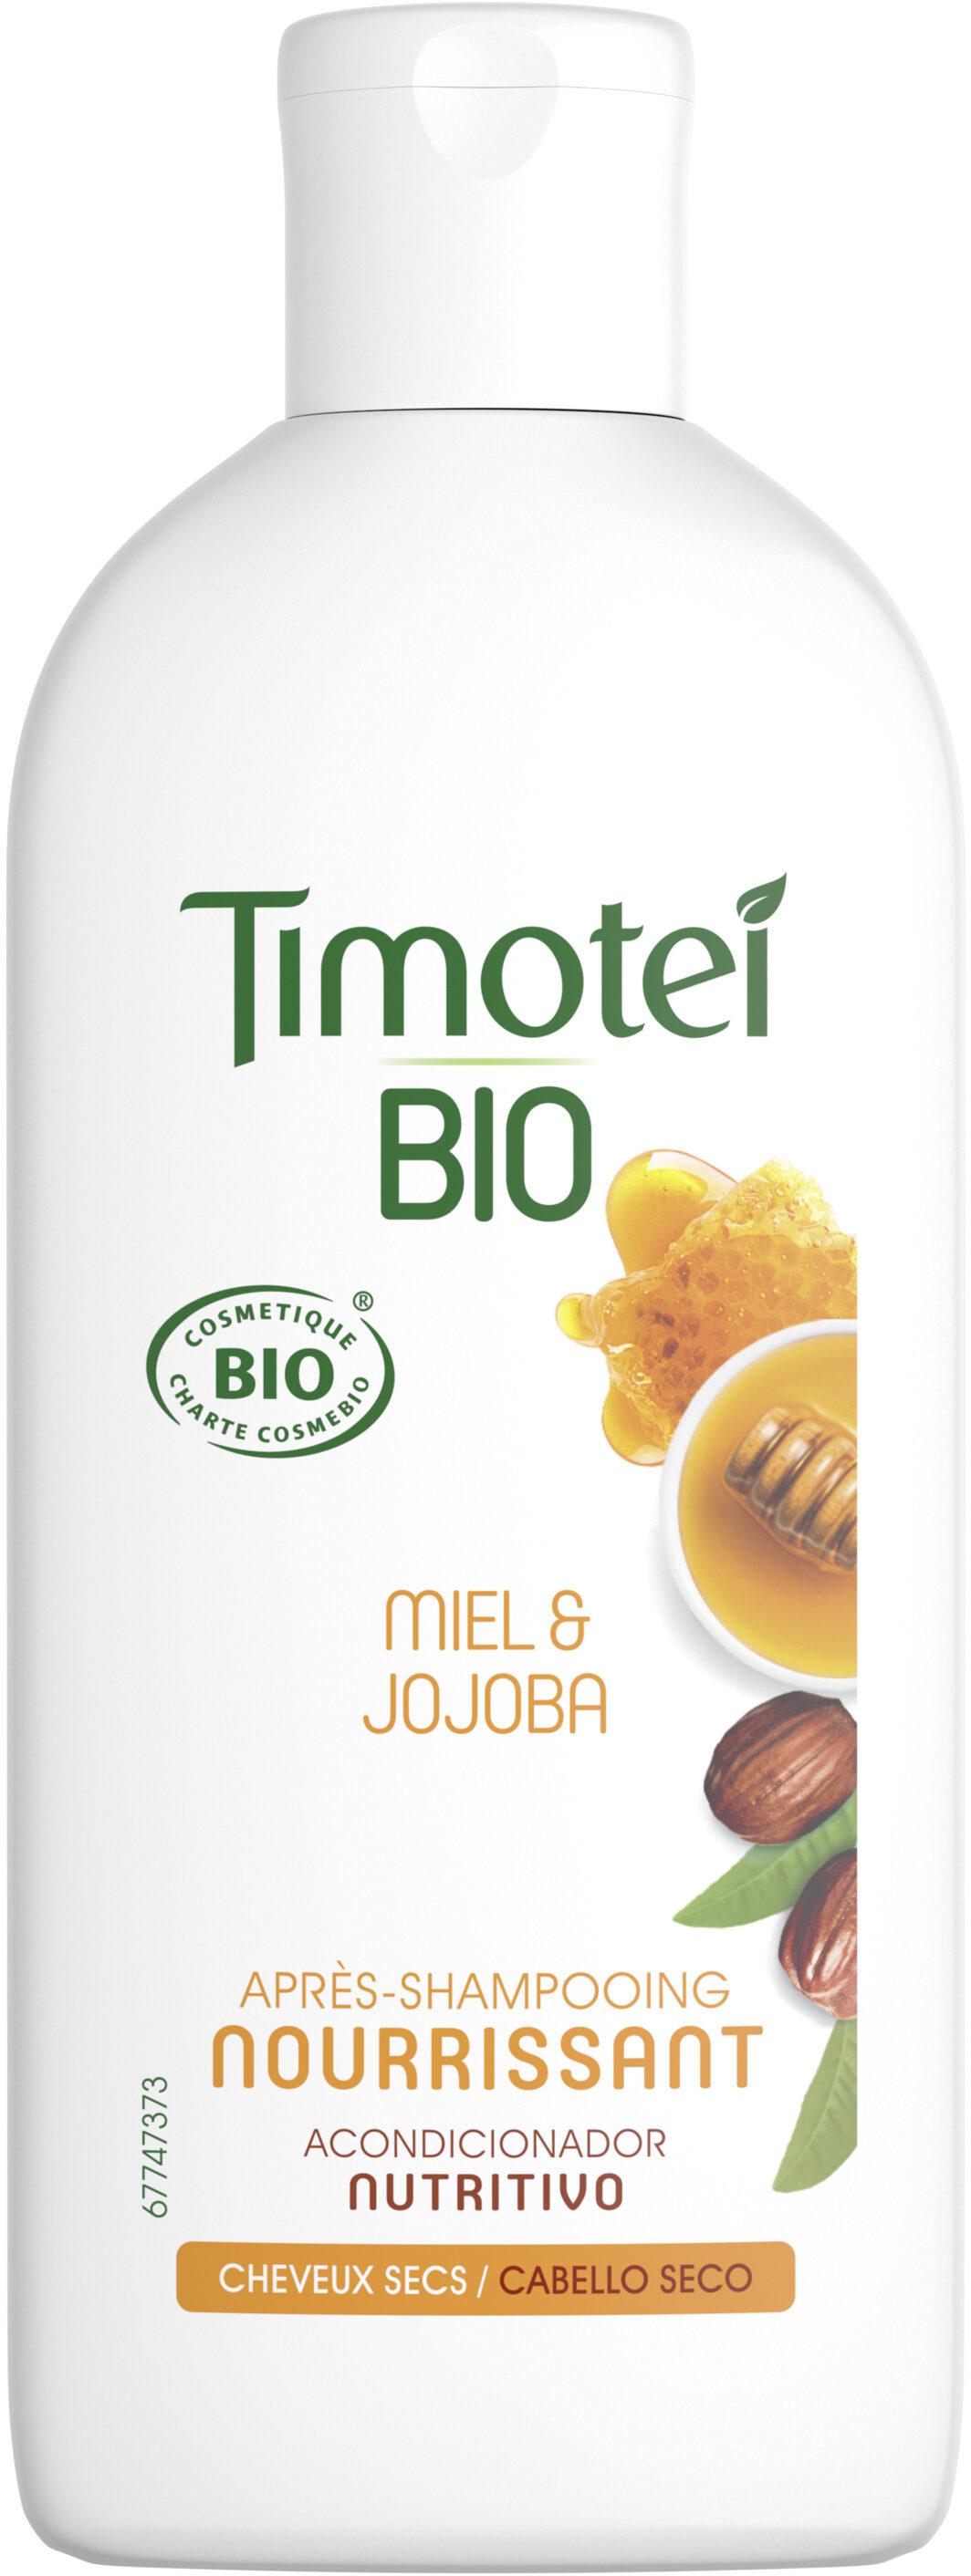 Timotei Après Shampoing Cheveux Secs Nourrissant au Miel et Jojoba - Product - fr